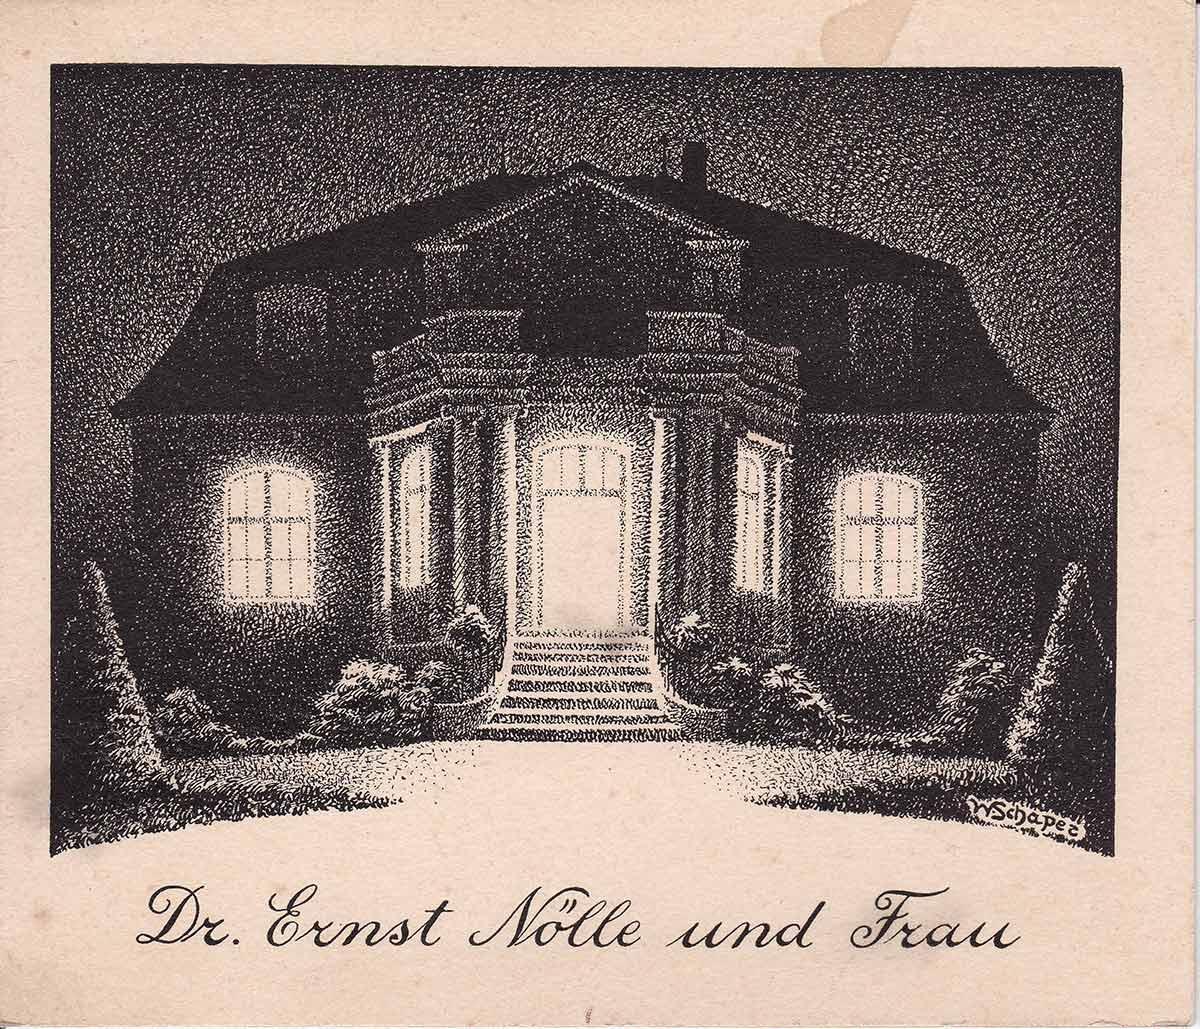 Limonenstraße 8 in Berlin: Einladungskarte der Familie Noelle, gezeichnet von Elisabeth Noelles Onkel Wolfgang Schaper